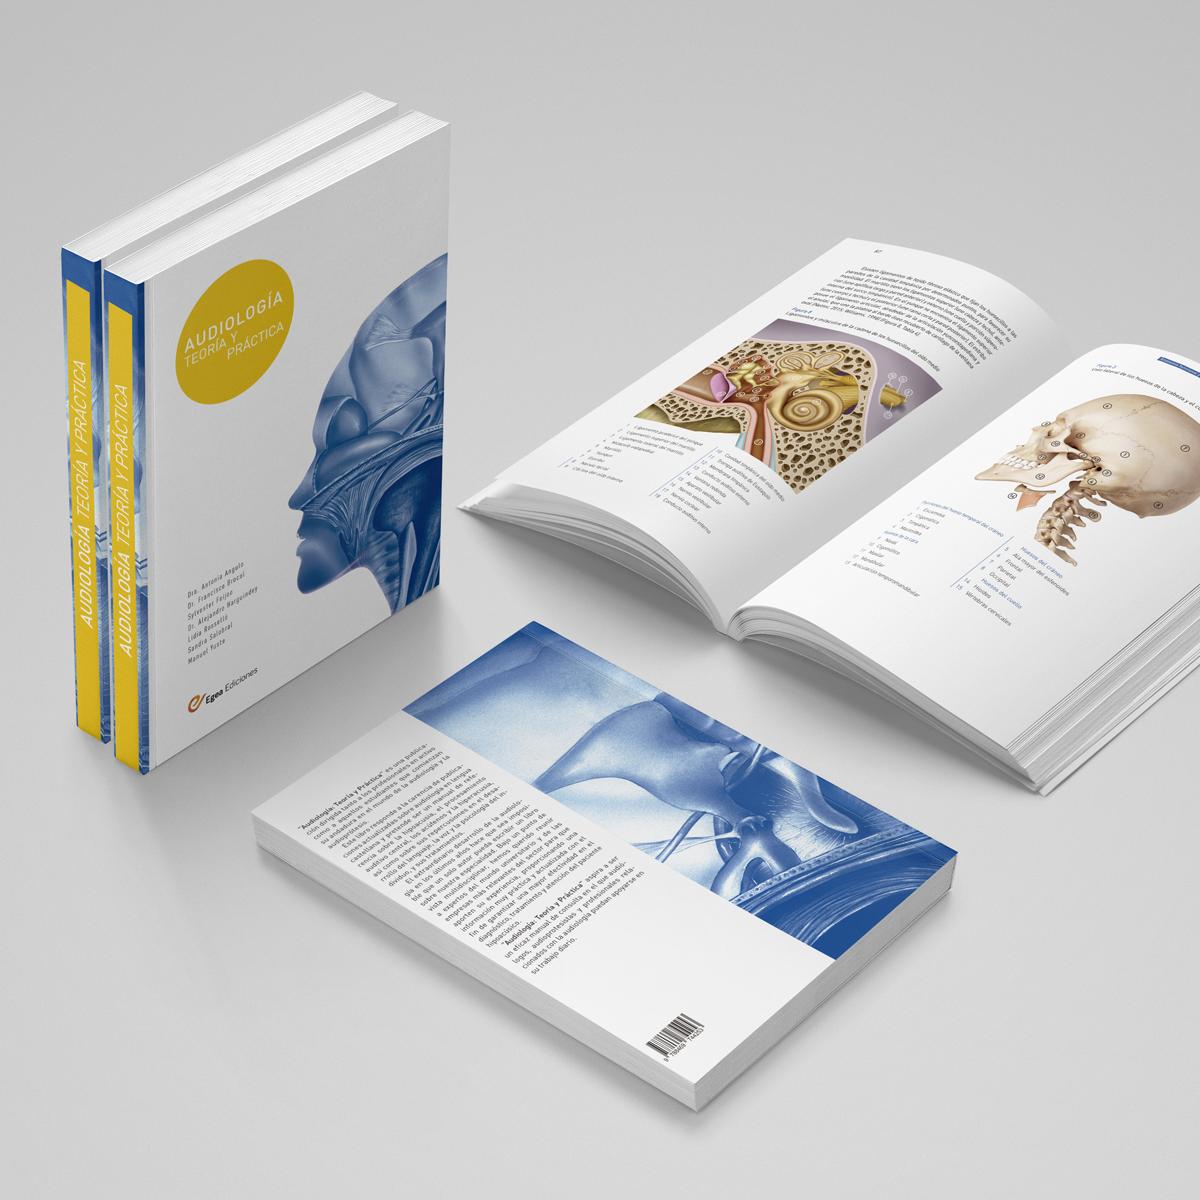 Audiología: Teoria y Práctica. El libro de la Audiologia del siglo XXI